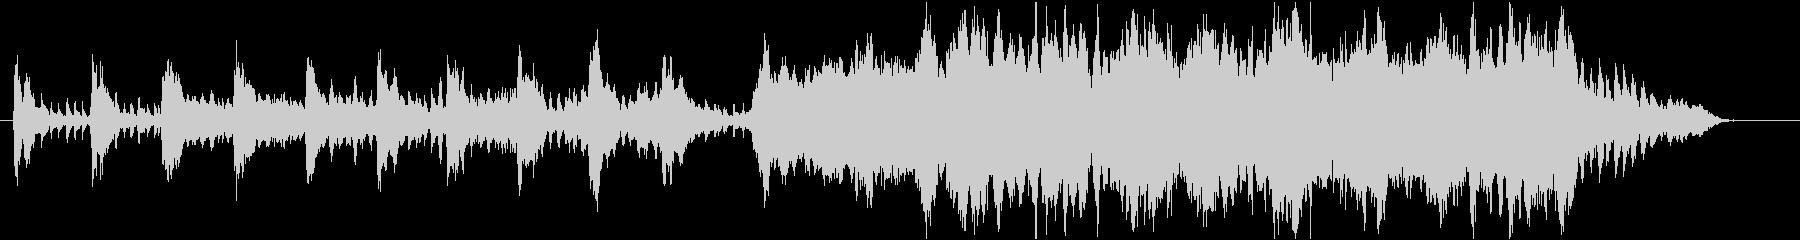 チャイコフスキー 「弦楽セレナーデ」の未再生の波形